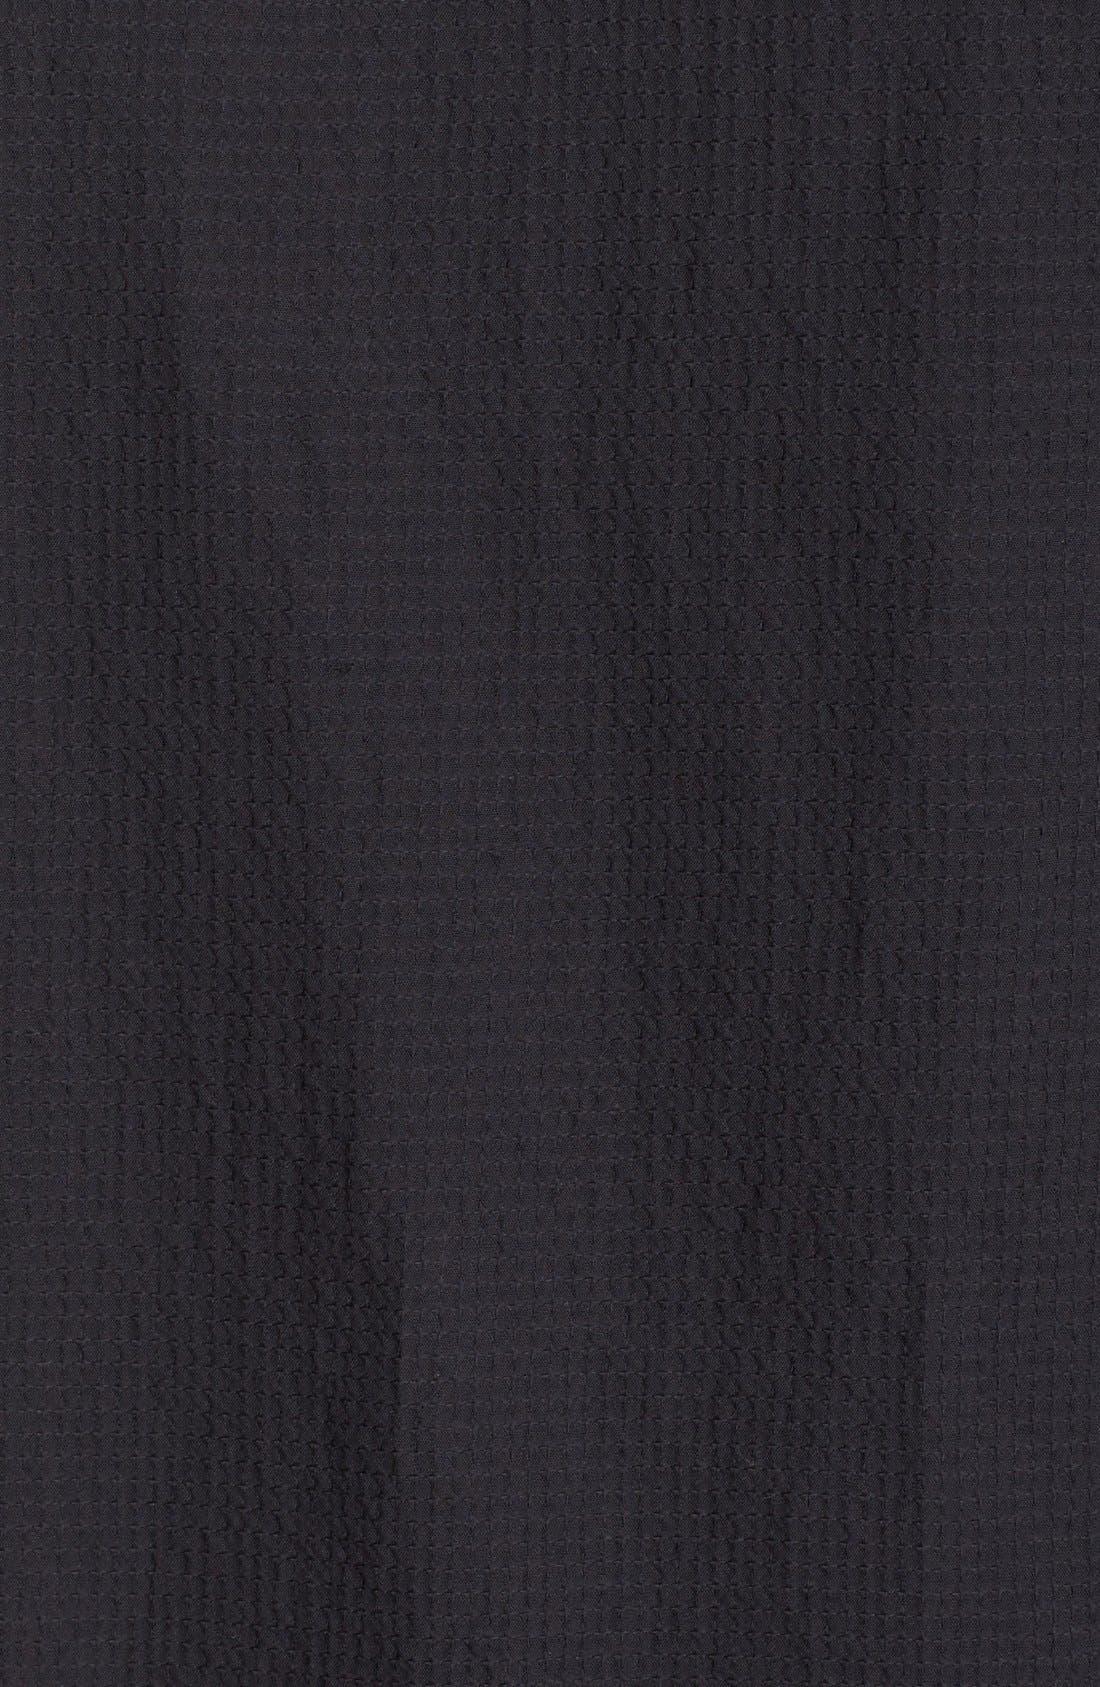 Trim Fit Textured Sport Shirt,                             Alternate thumbnail 2, color,                             004